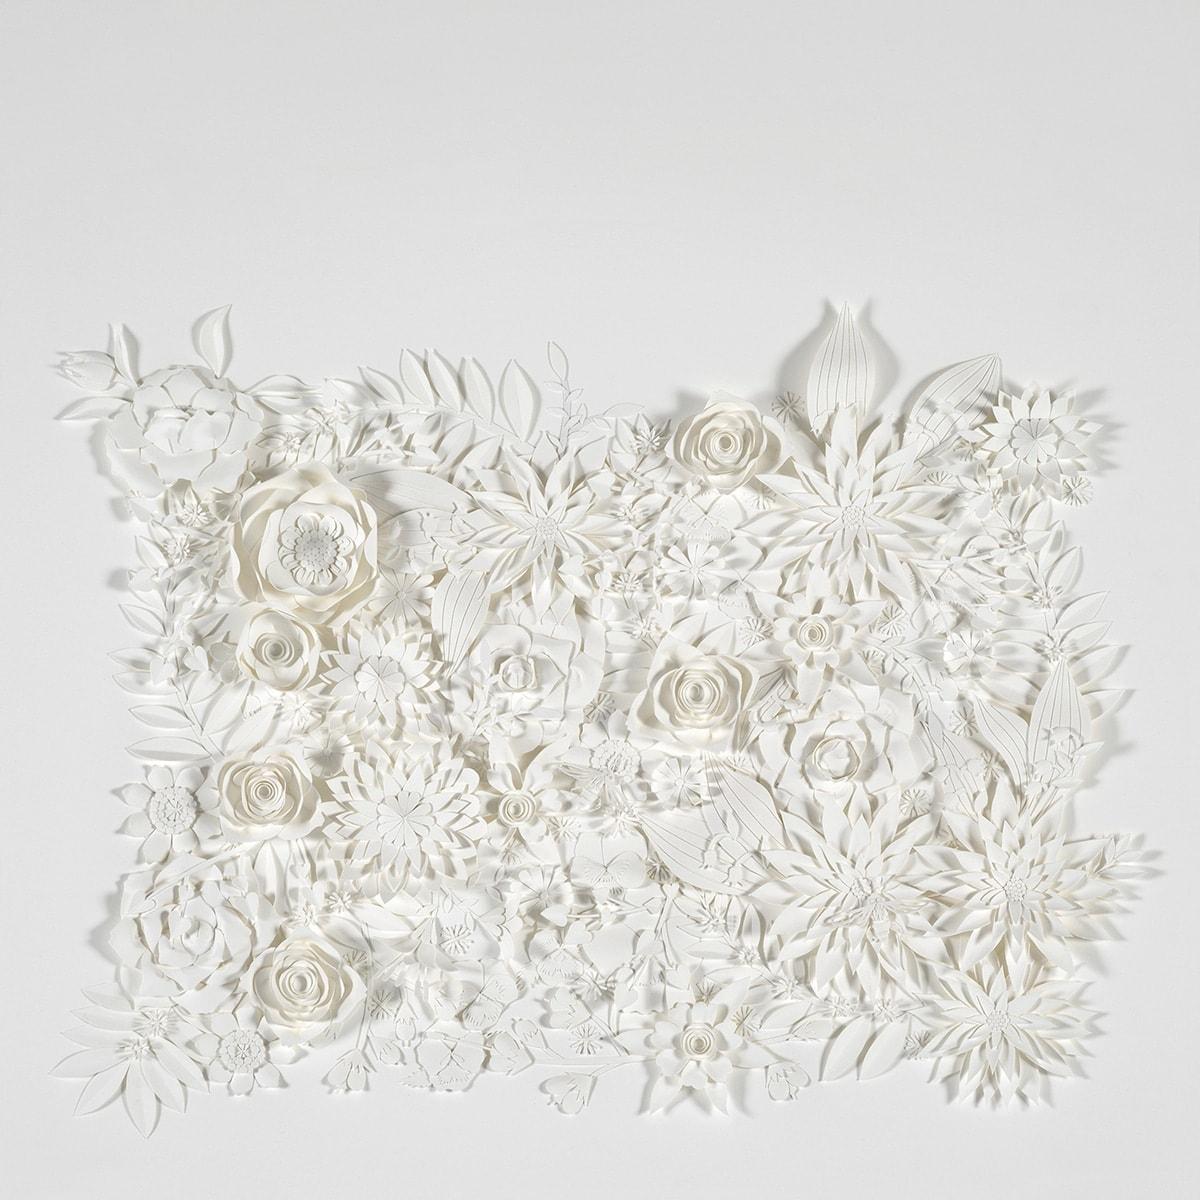 tara lee bennett lush paper paper flowers 9